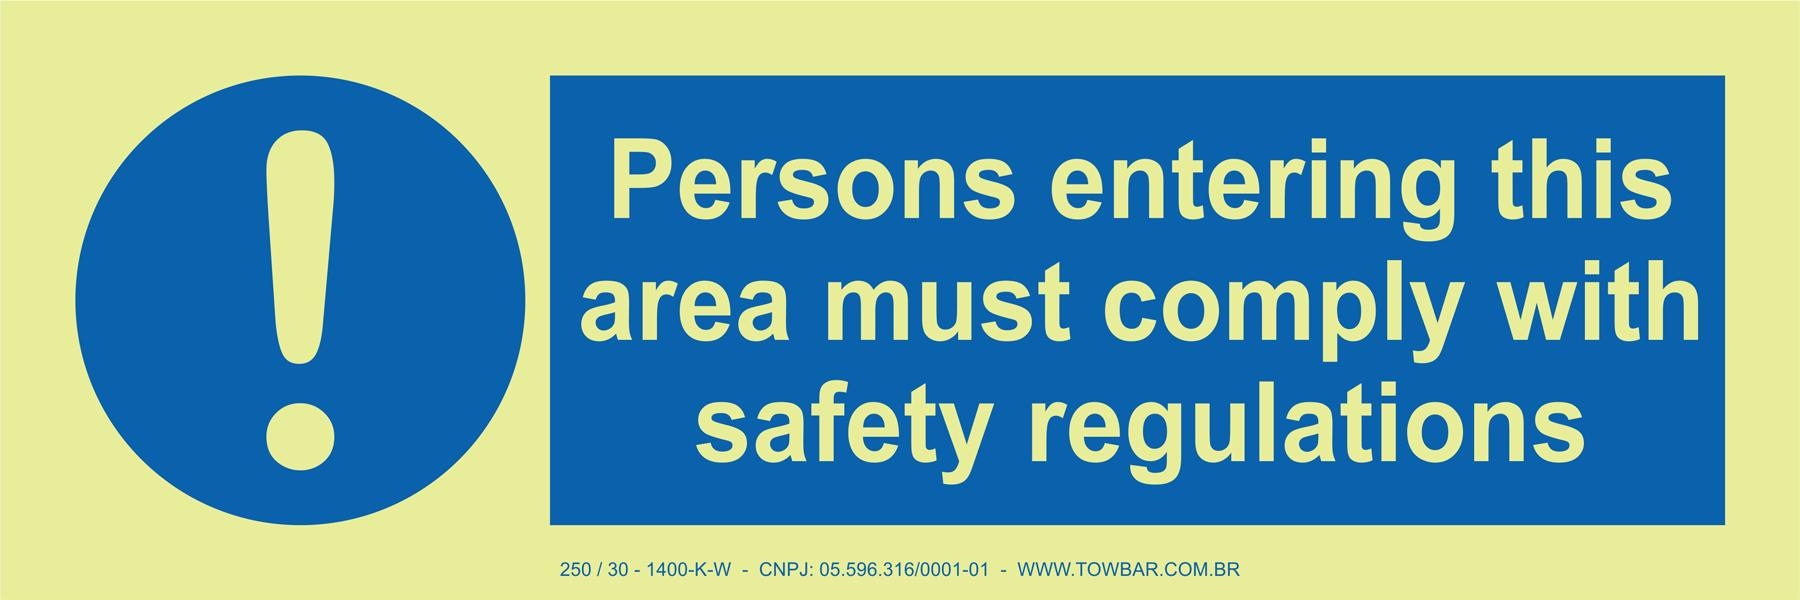 Persons Intering This Area Must Comply With Safety Regulations   - Towbar Sinalização de Segurança